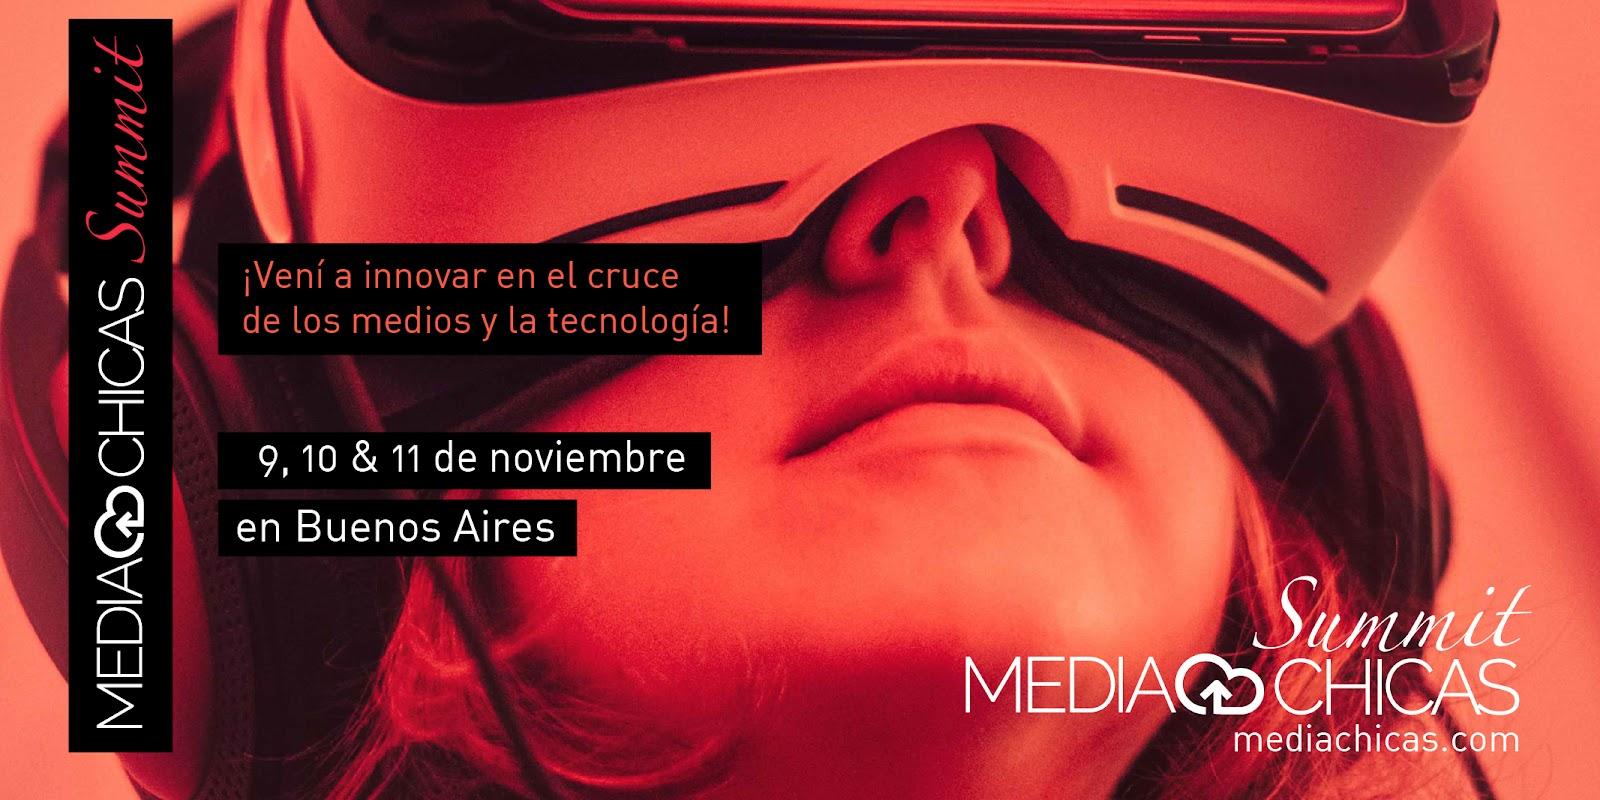 media-chicas-summit-01.jpg